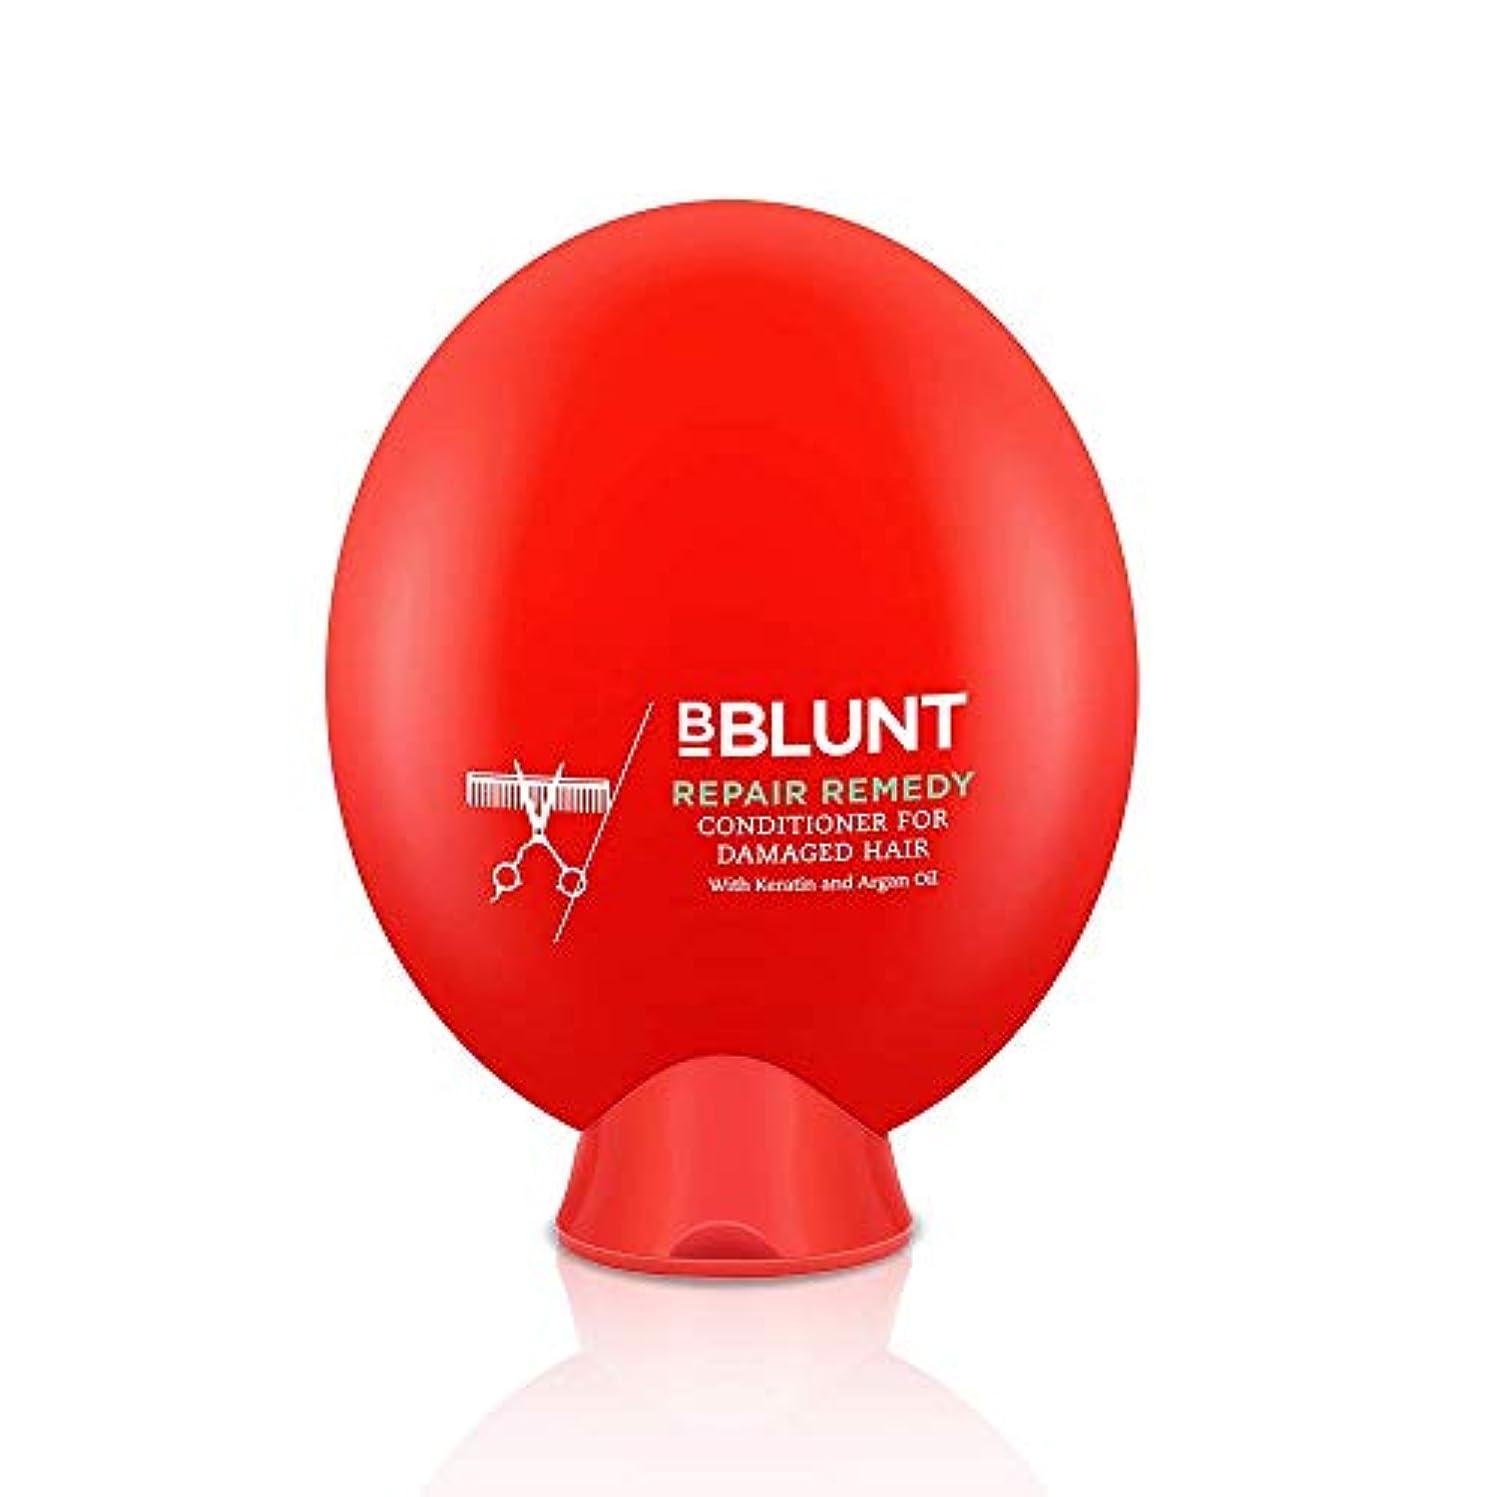 憂鬱な借りる定期的なBBLUNT Repair Remedy Conditioner for Damaged Hair, 200g (Keratin and Argan Oil)